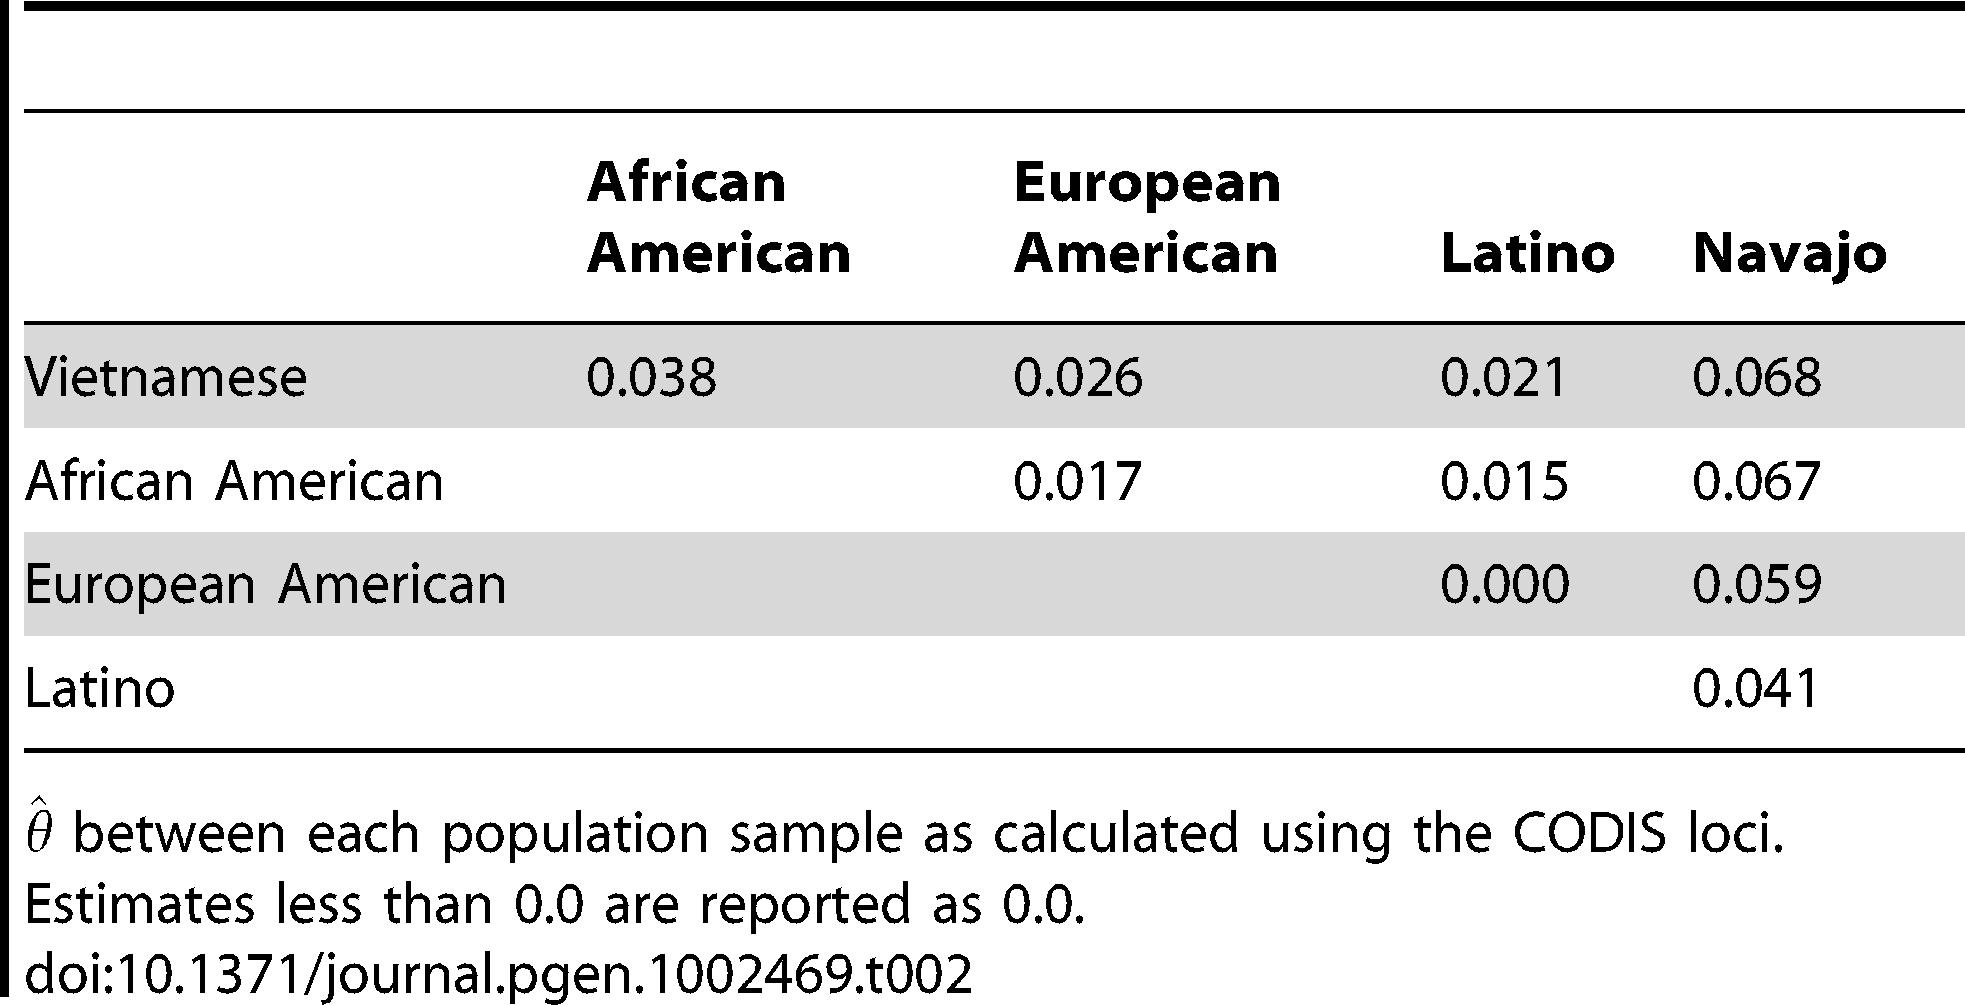 between population samples.